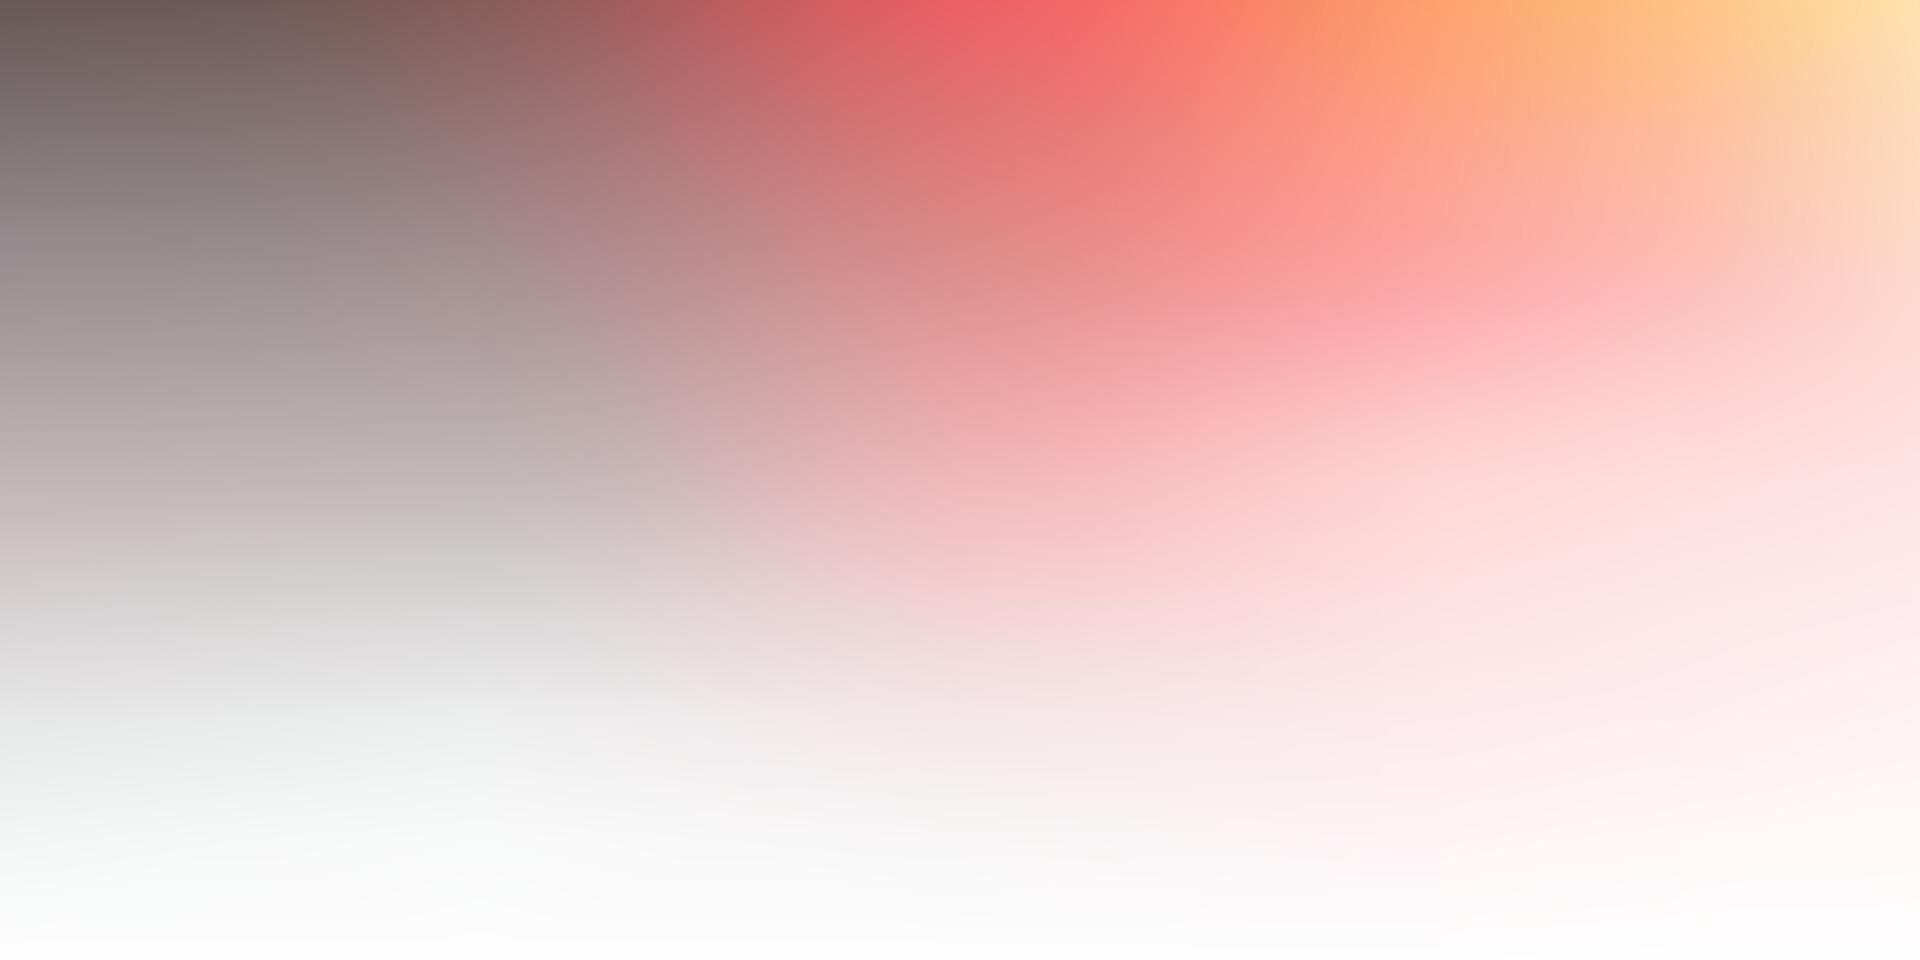 dunkelrosa, gelber Vektor unscharfer Hintergrund.